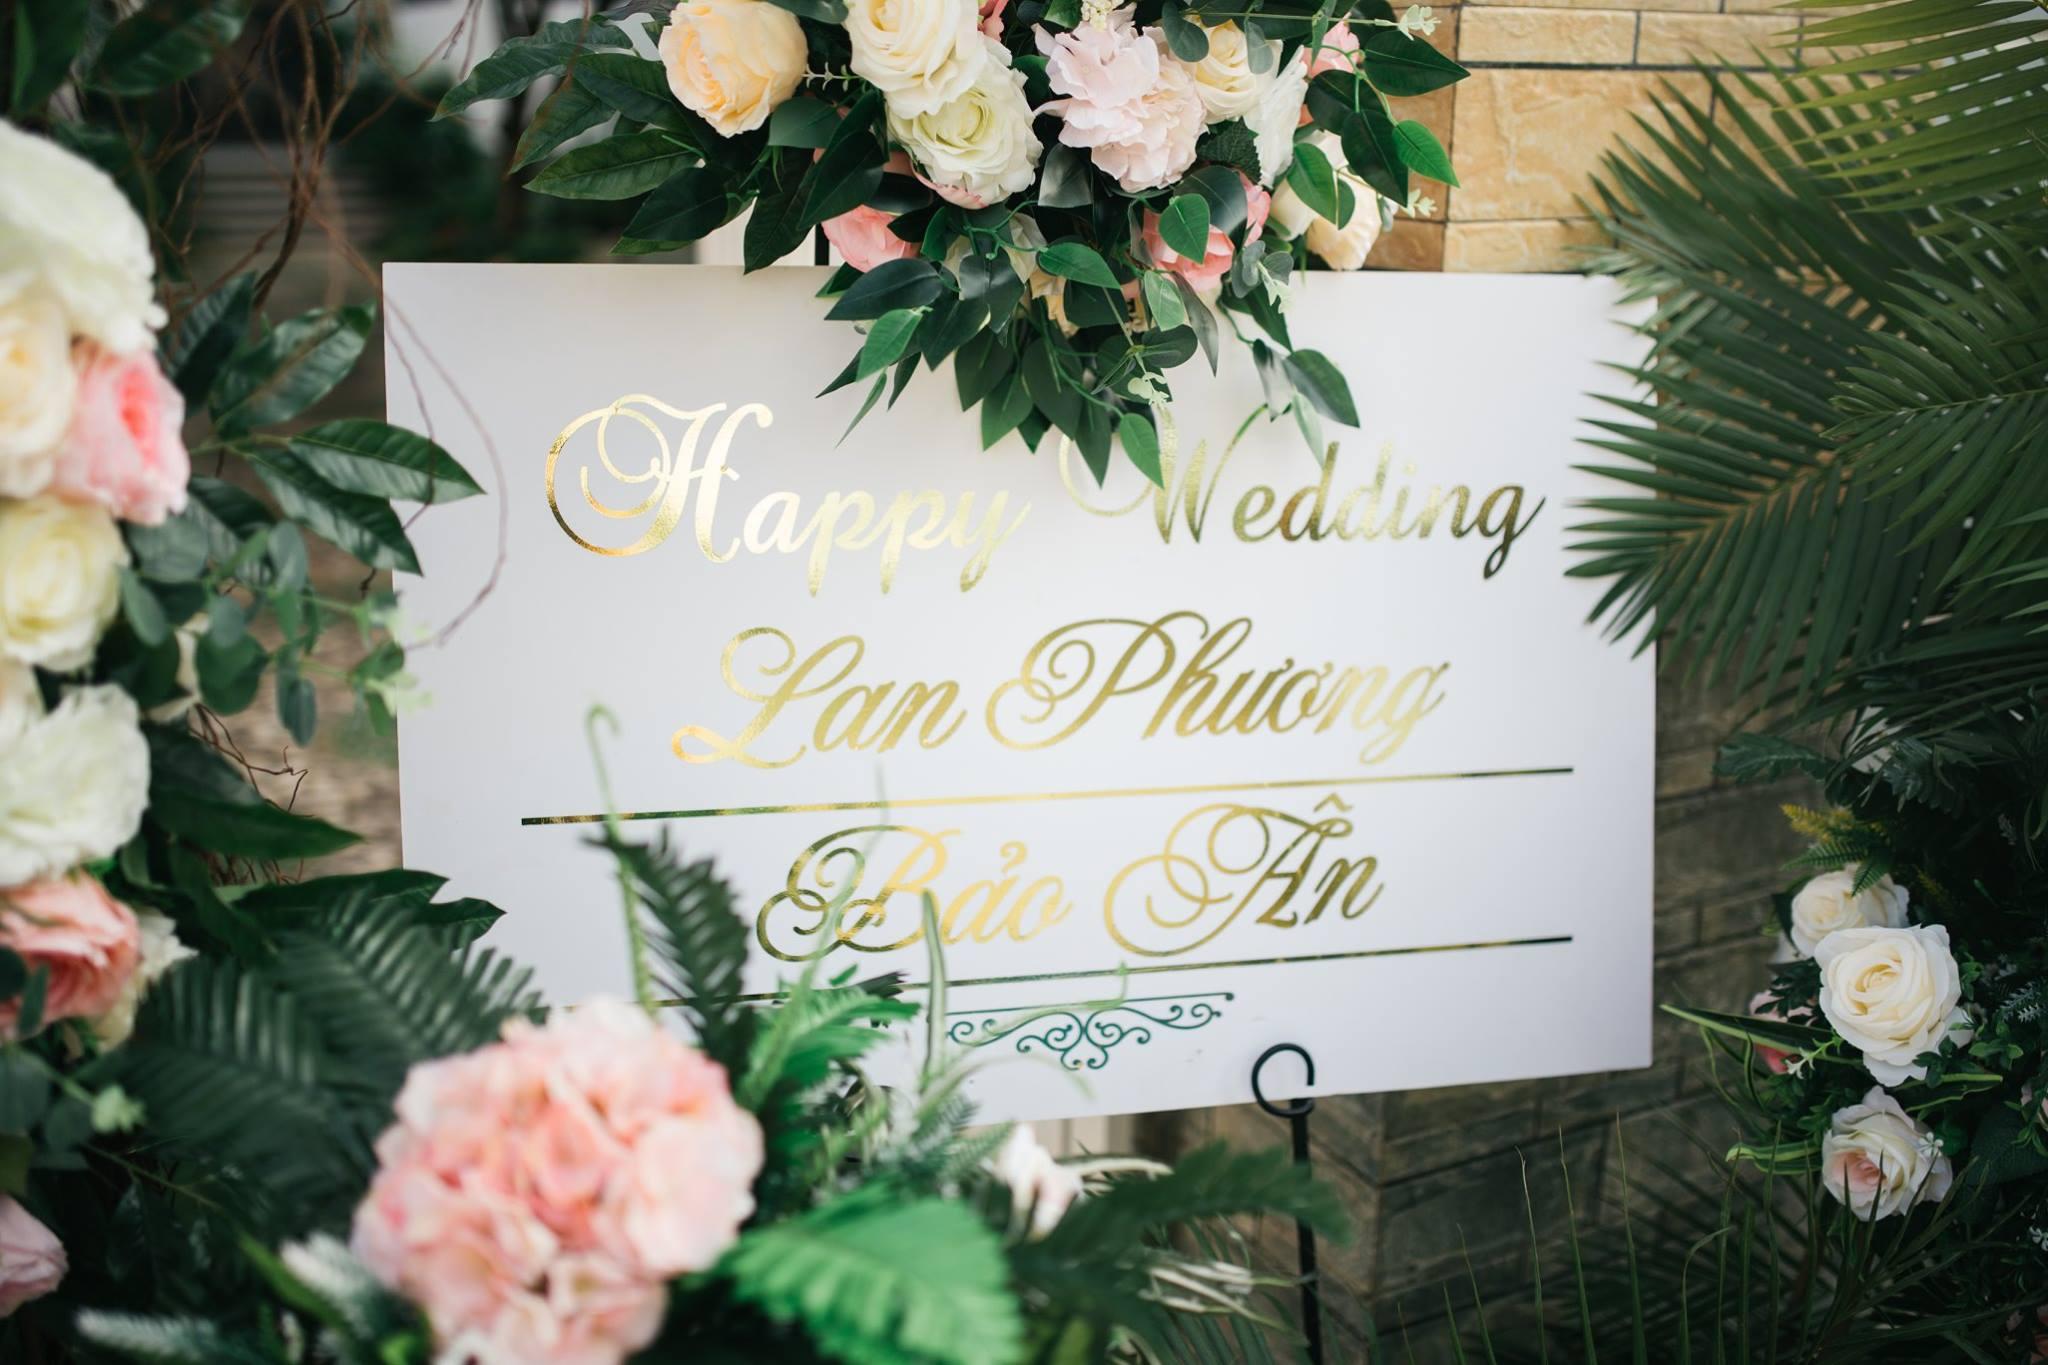 chụp ảnh phóng sự cưới bmt , chụp ảnh đính hôn bmt , chụp ảnh đám hỏi bmt , chụp ảnh cưới bmt , phóng sự cưới bmt , phong sự cưới bmt đẹp , chụp ảnh bmt , quay video phong sự bmt